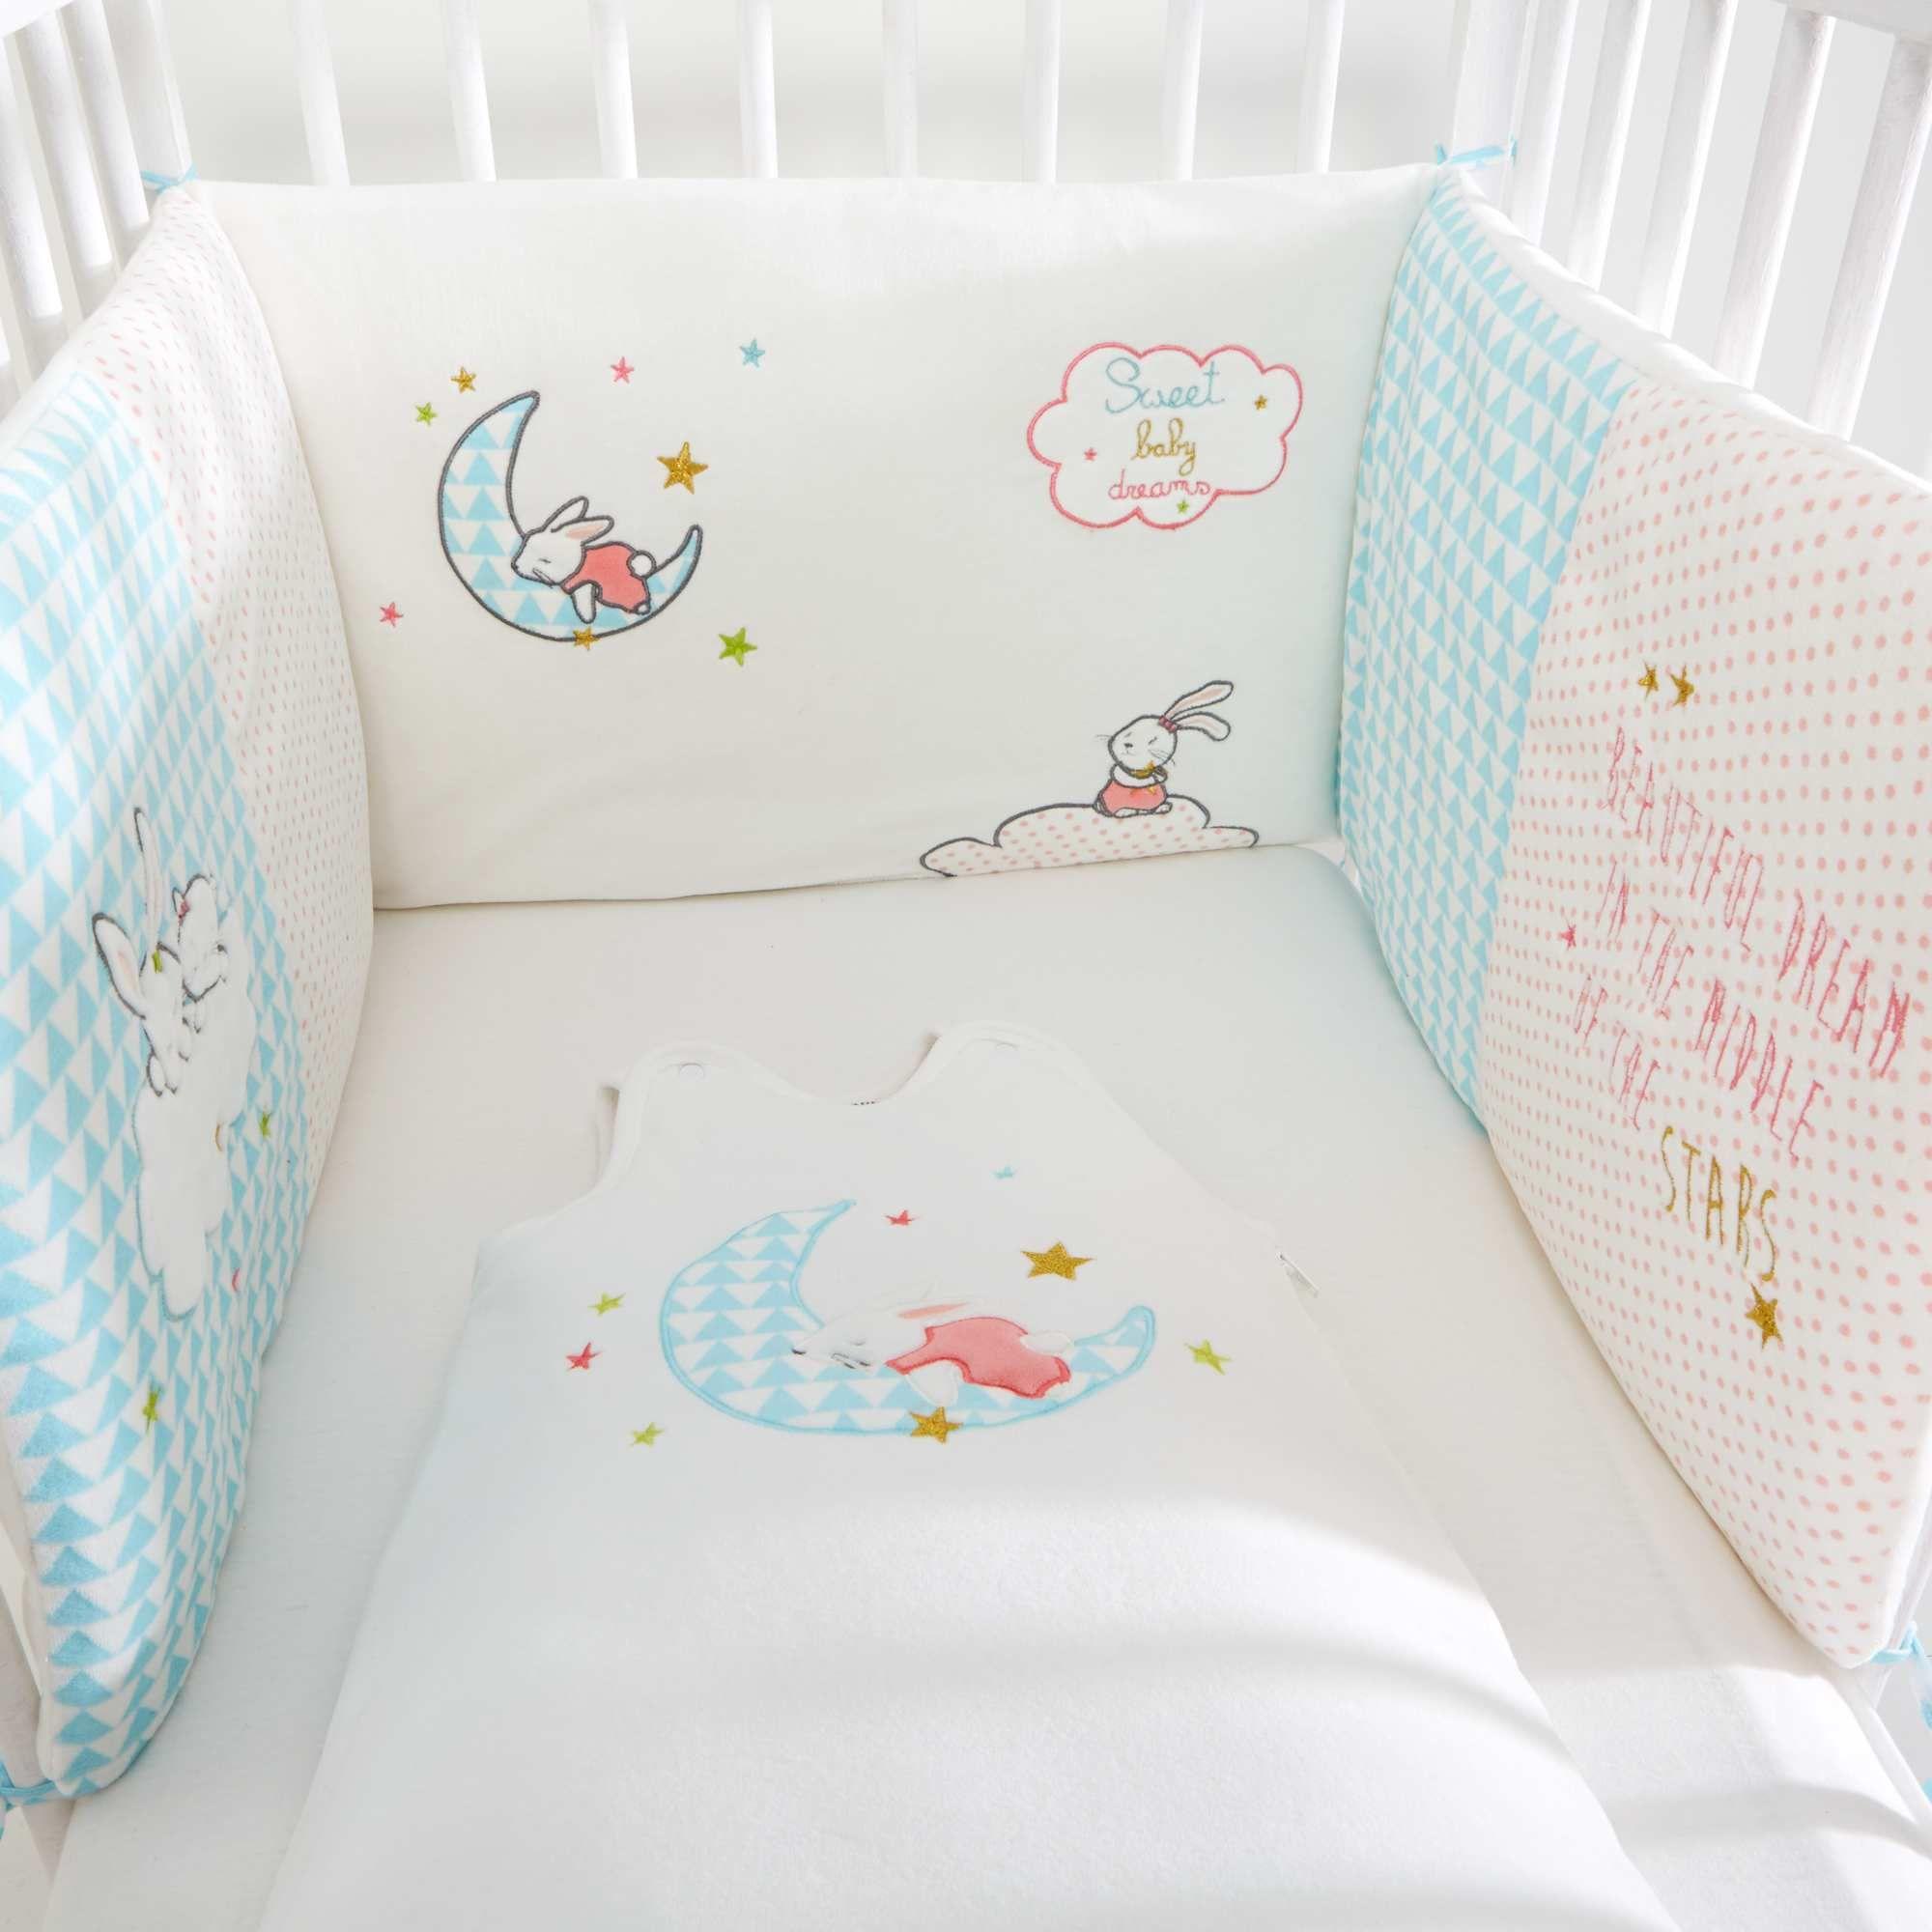 Protector de cuna 39 sweet dreams 39 blanco niev pinteres - Protectores para cama cuna ...